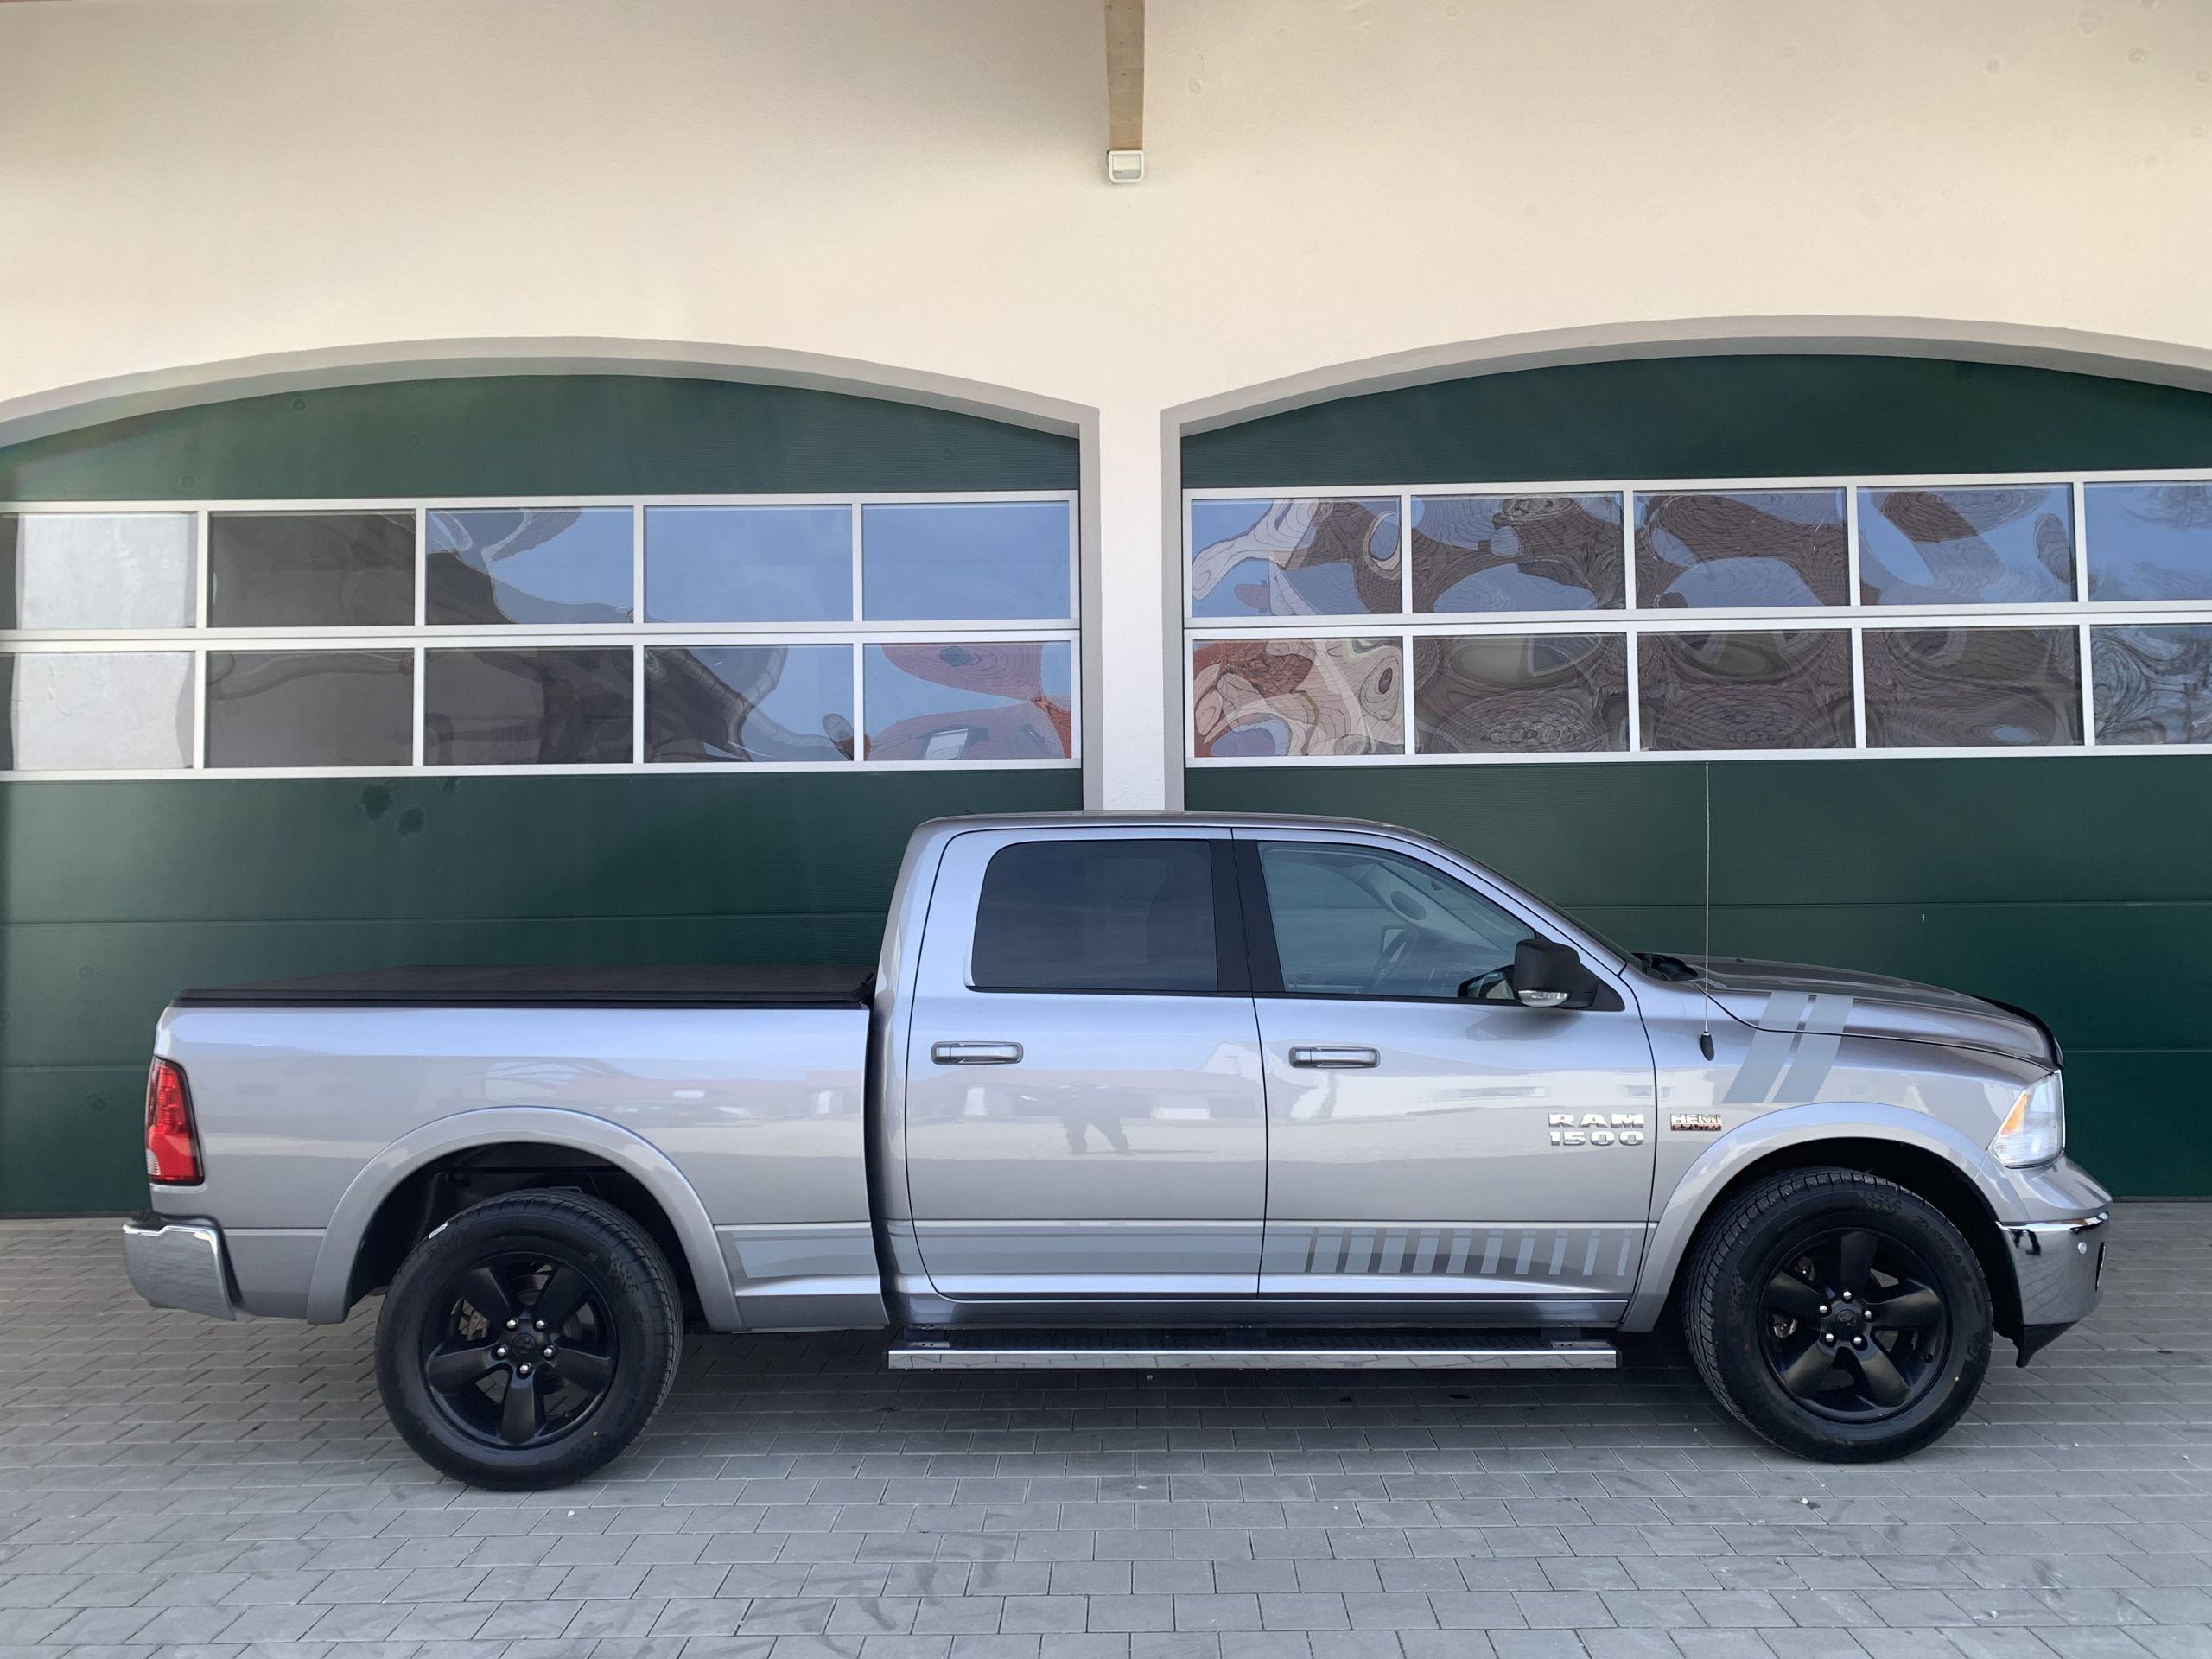 Gebraucht 2019 Silber Dodge Ram SLT 1500 zu Verkaufen Schweiz